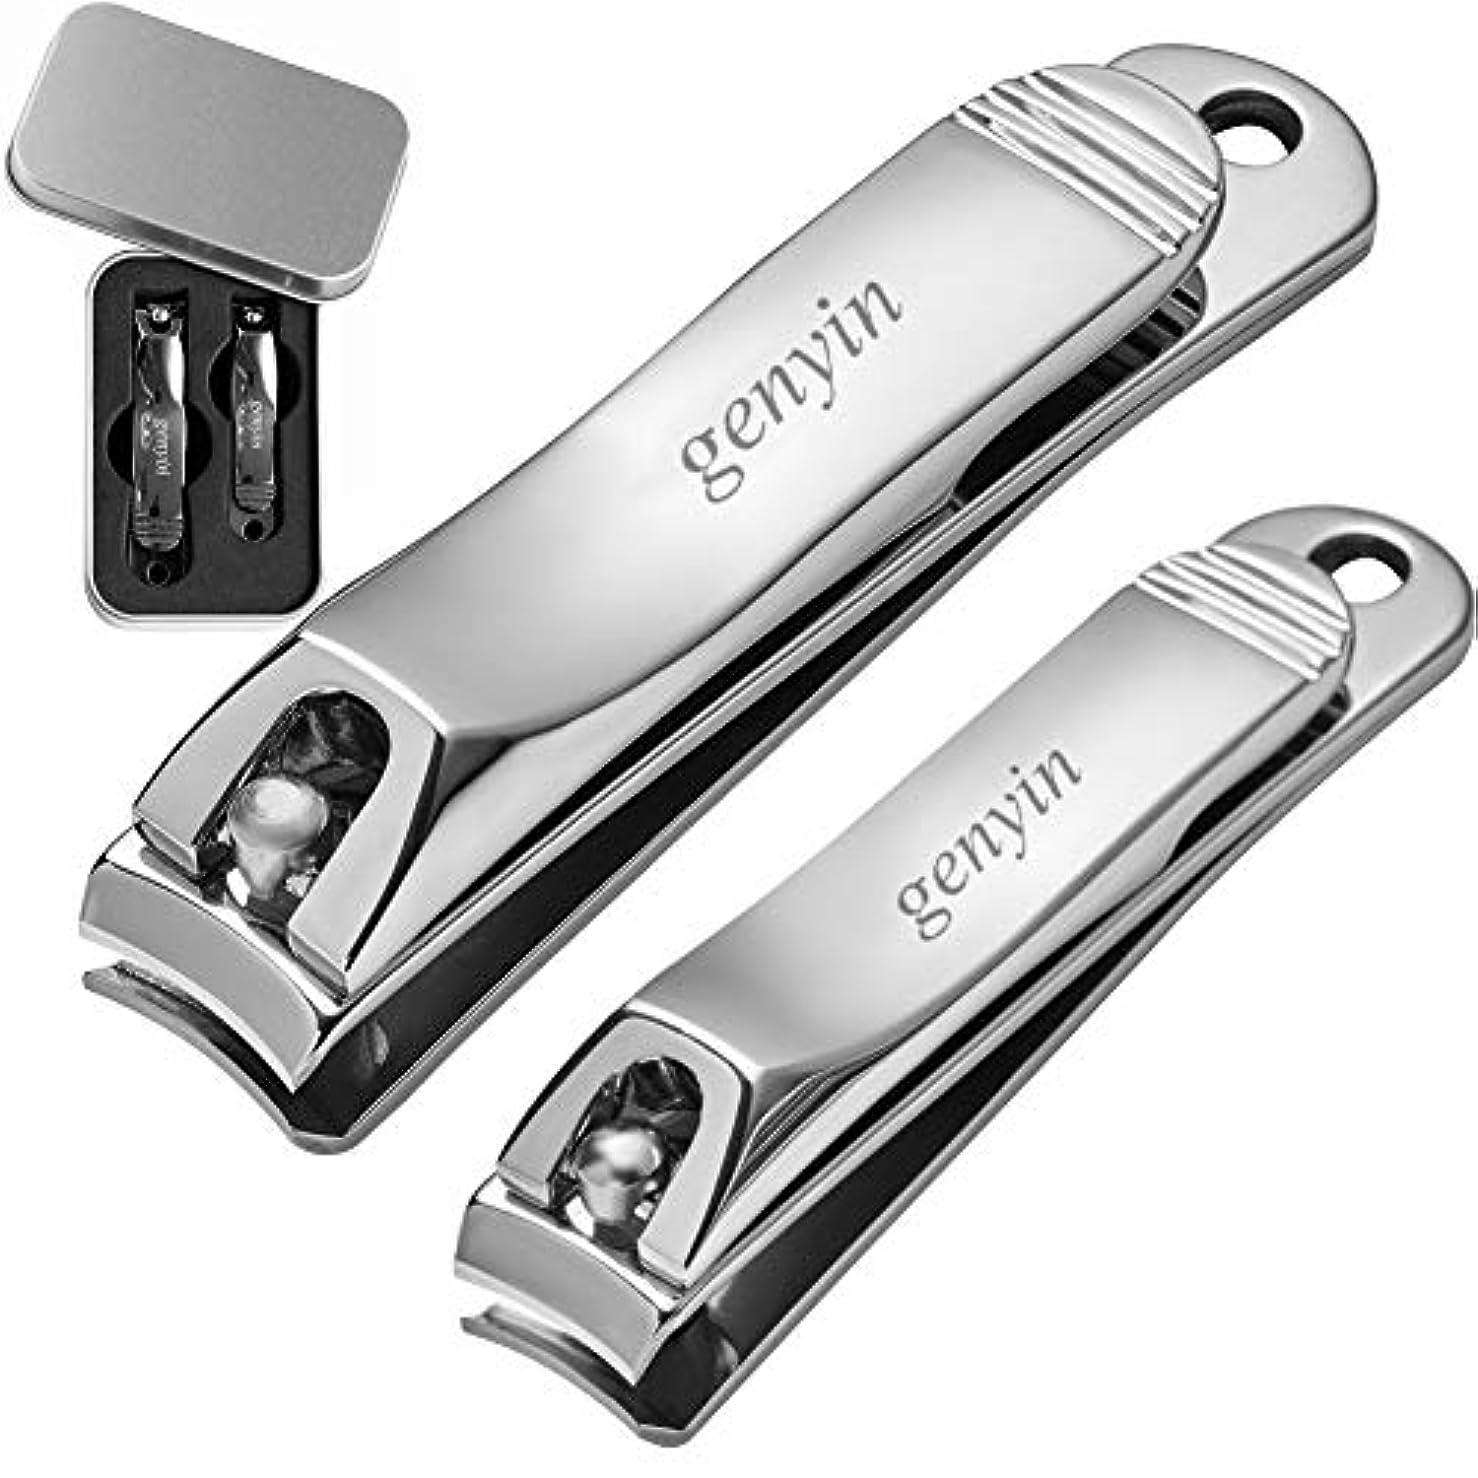 ウィンクベアリング拡声器genyin 爪切り つめきり ツメキリ 爪やすり 高級ステンレス鋼製 収納ケース付き 2本セット